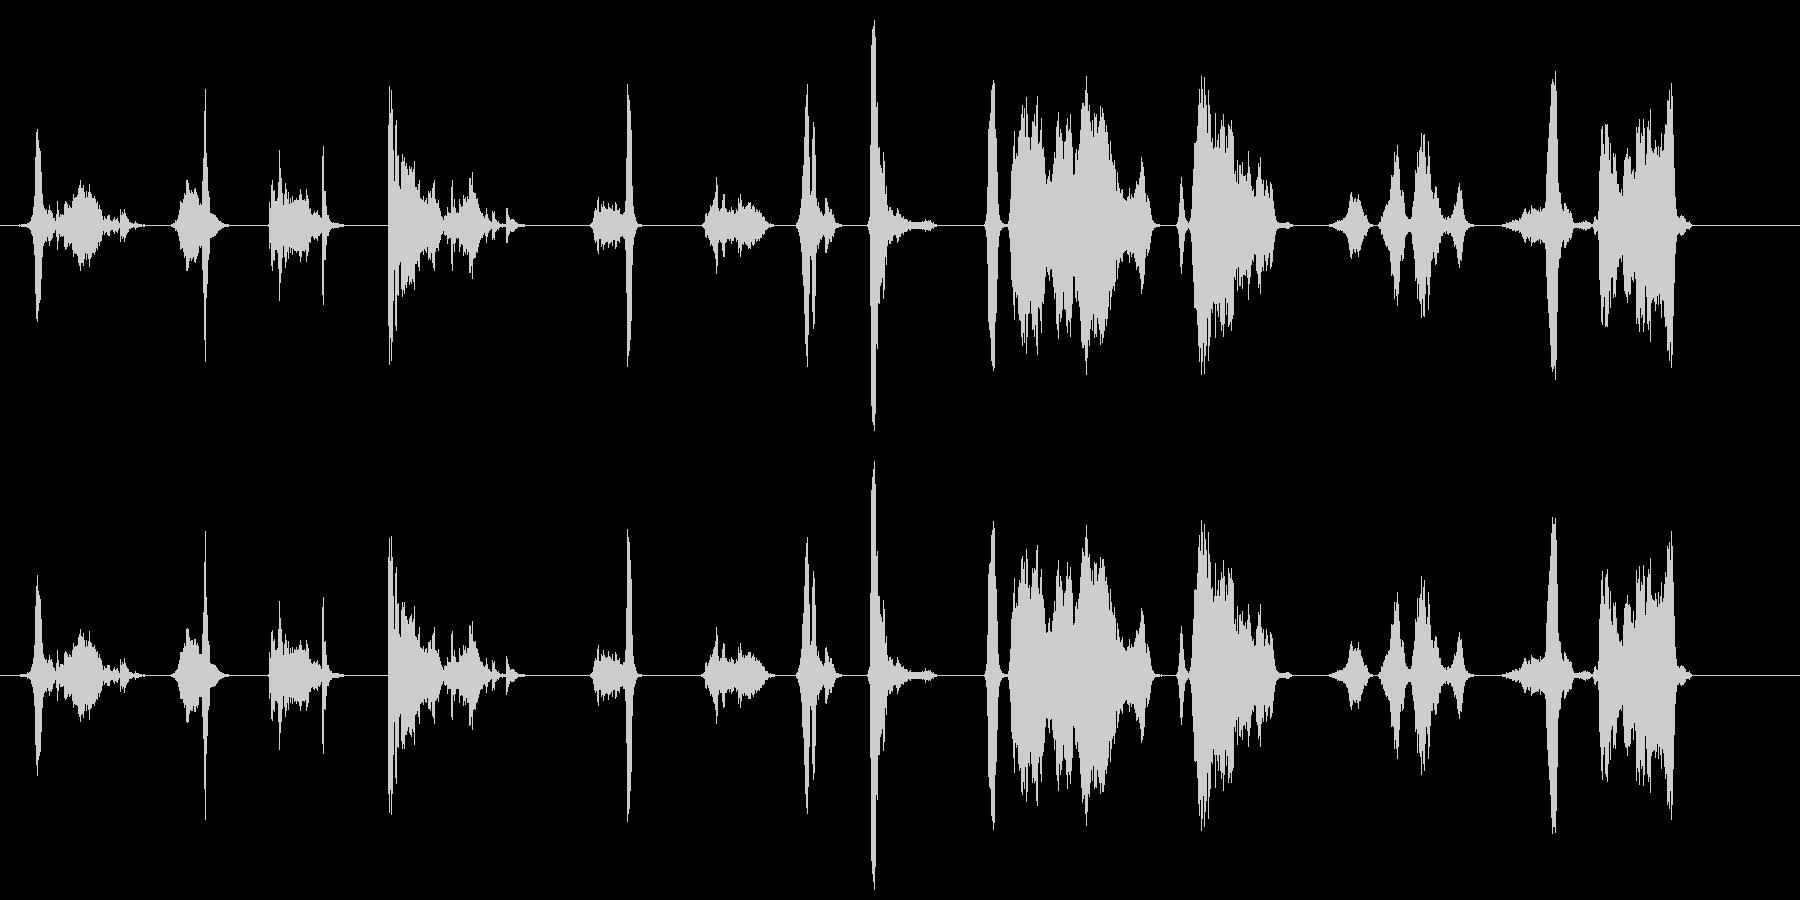 短い複数のスクラップ;高鳴り;セメ...の未再生の波形